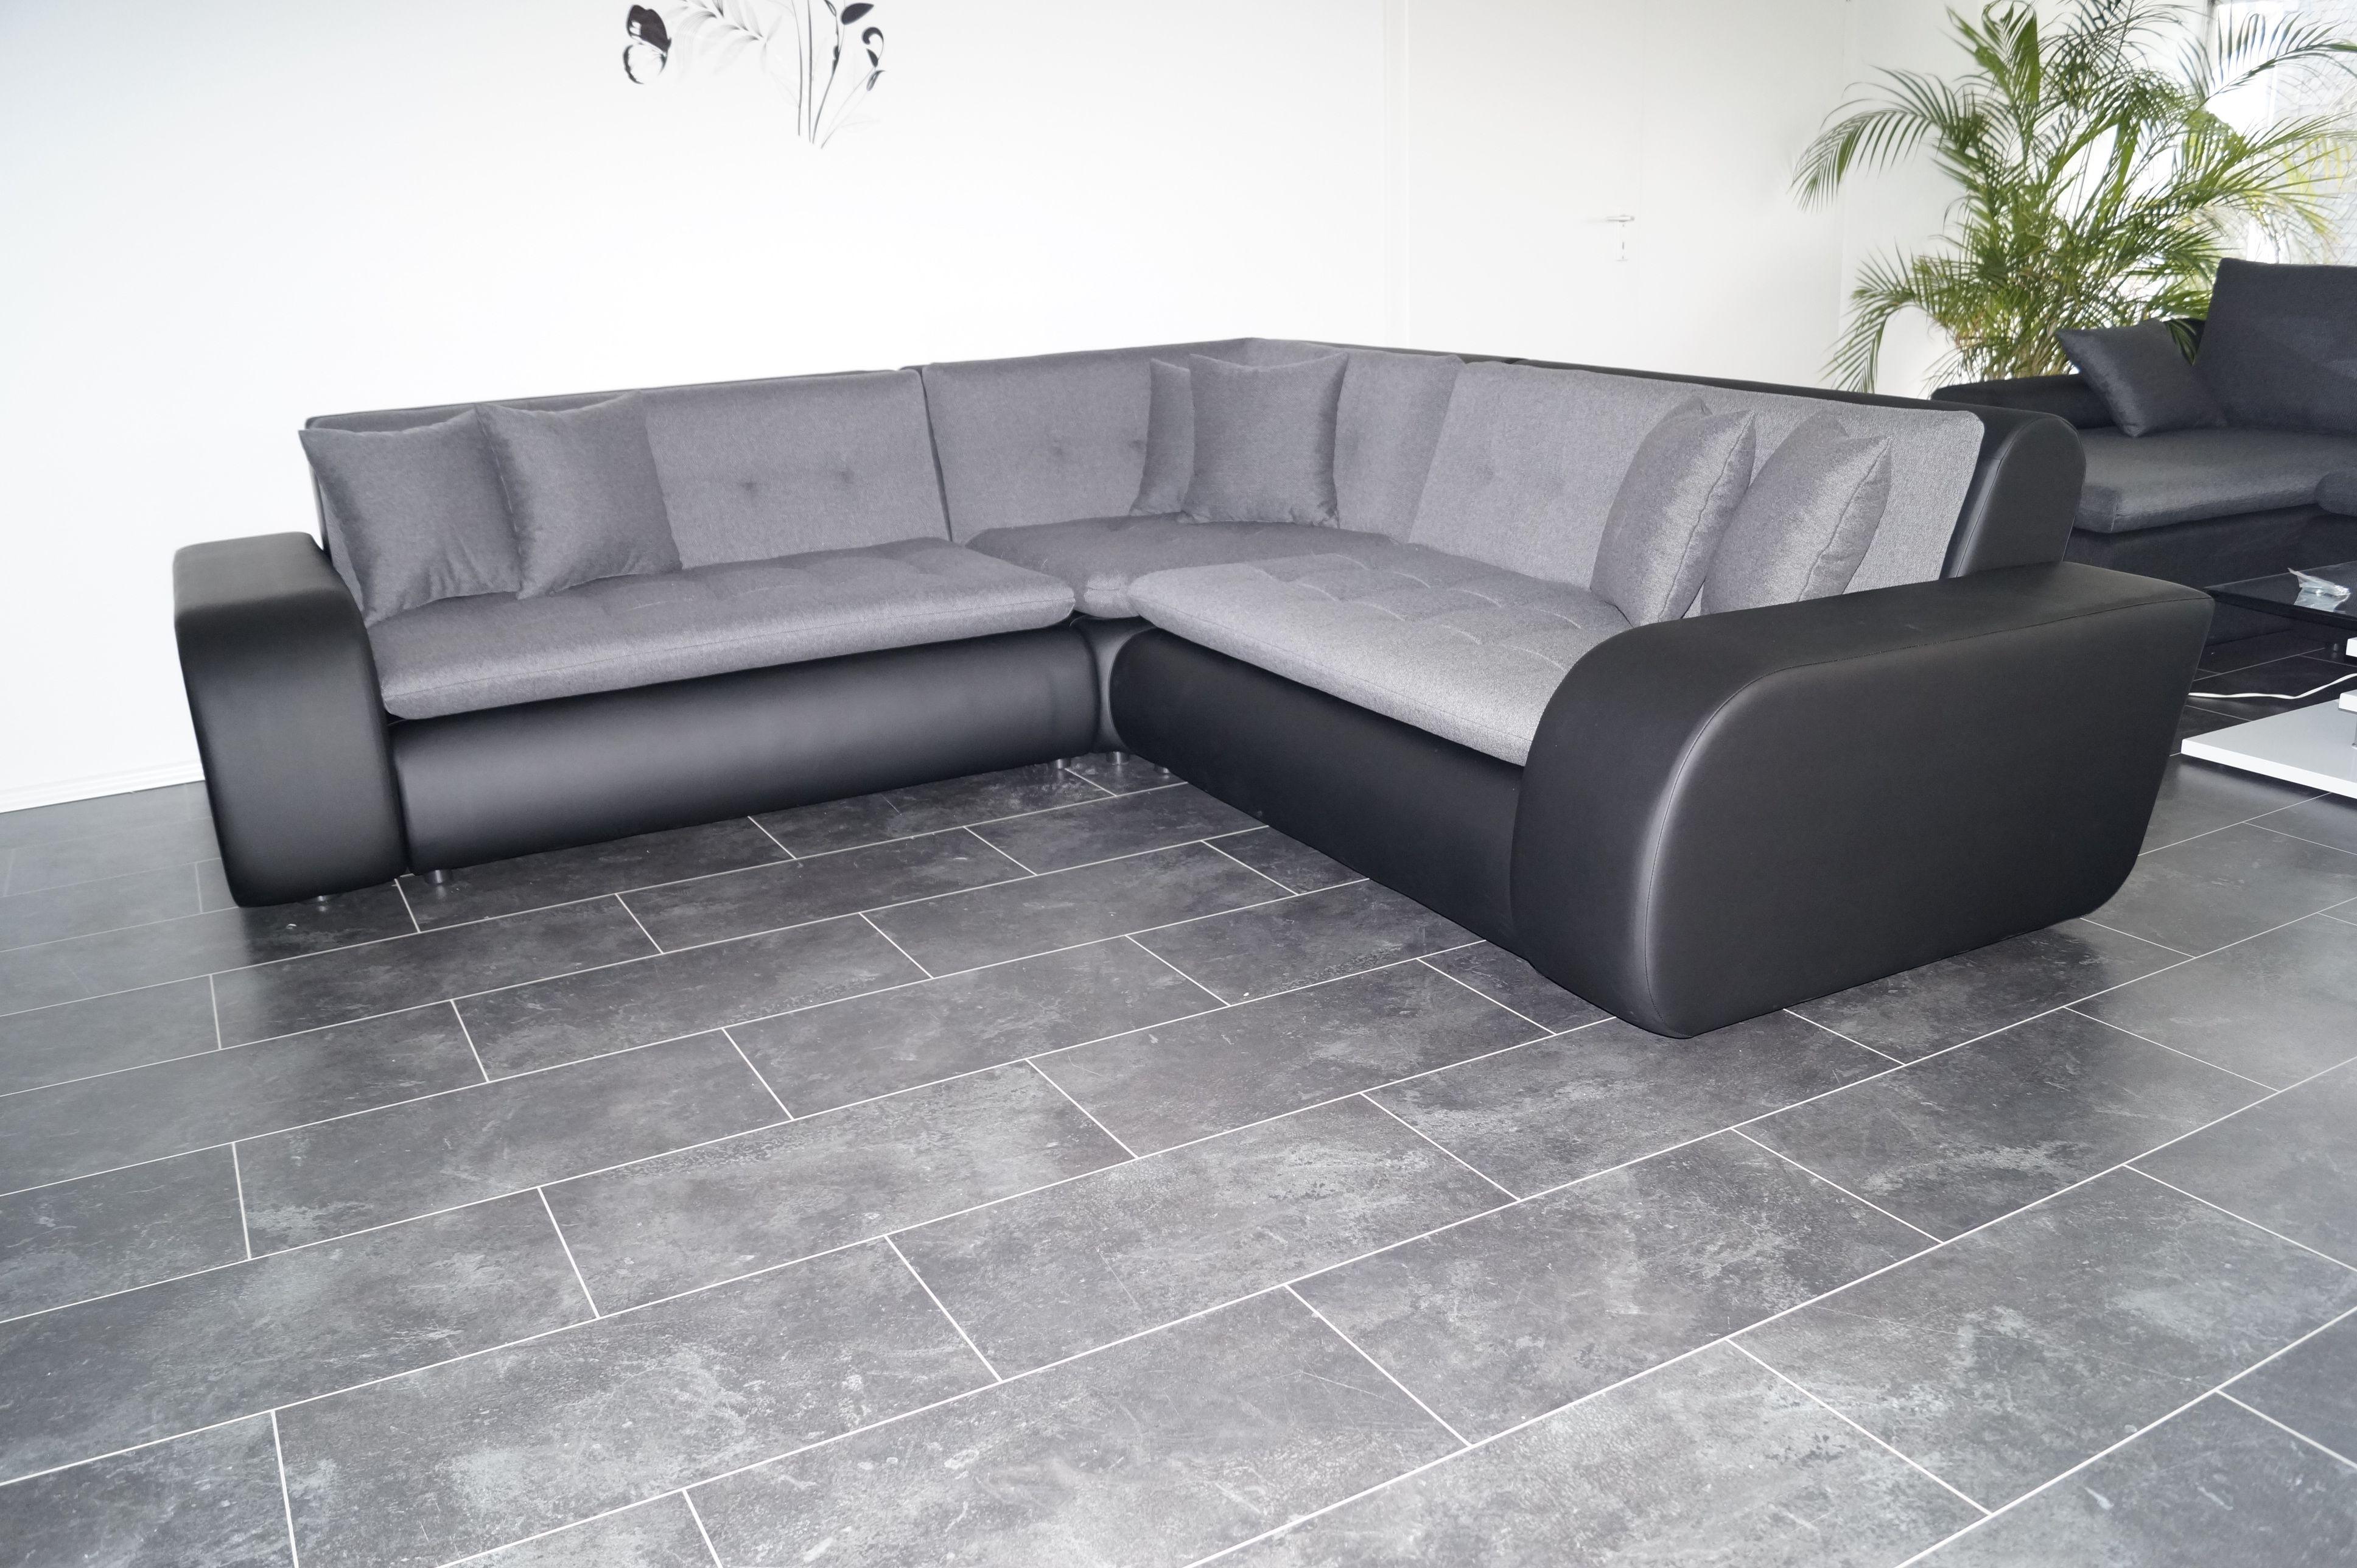 Polstermöbel leder günstig  www.sofa-lagerverkauf.de Sofa-lagerverkauf , Sofa , Couch ,Sofa ...